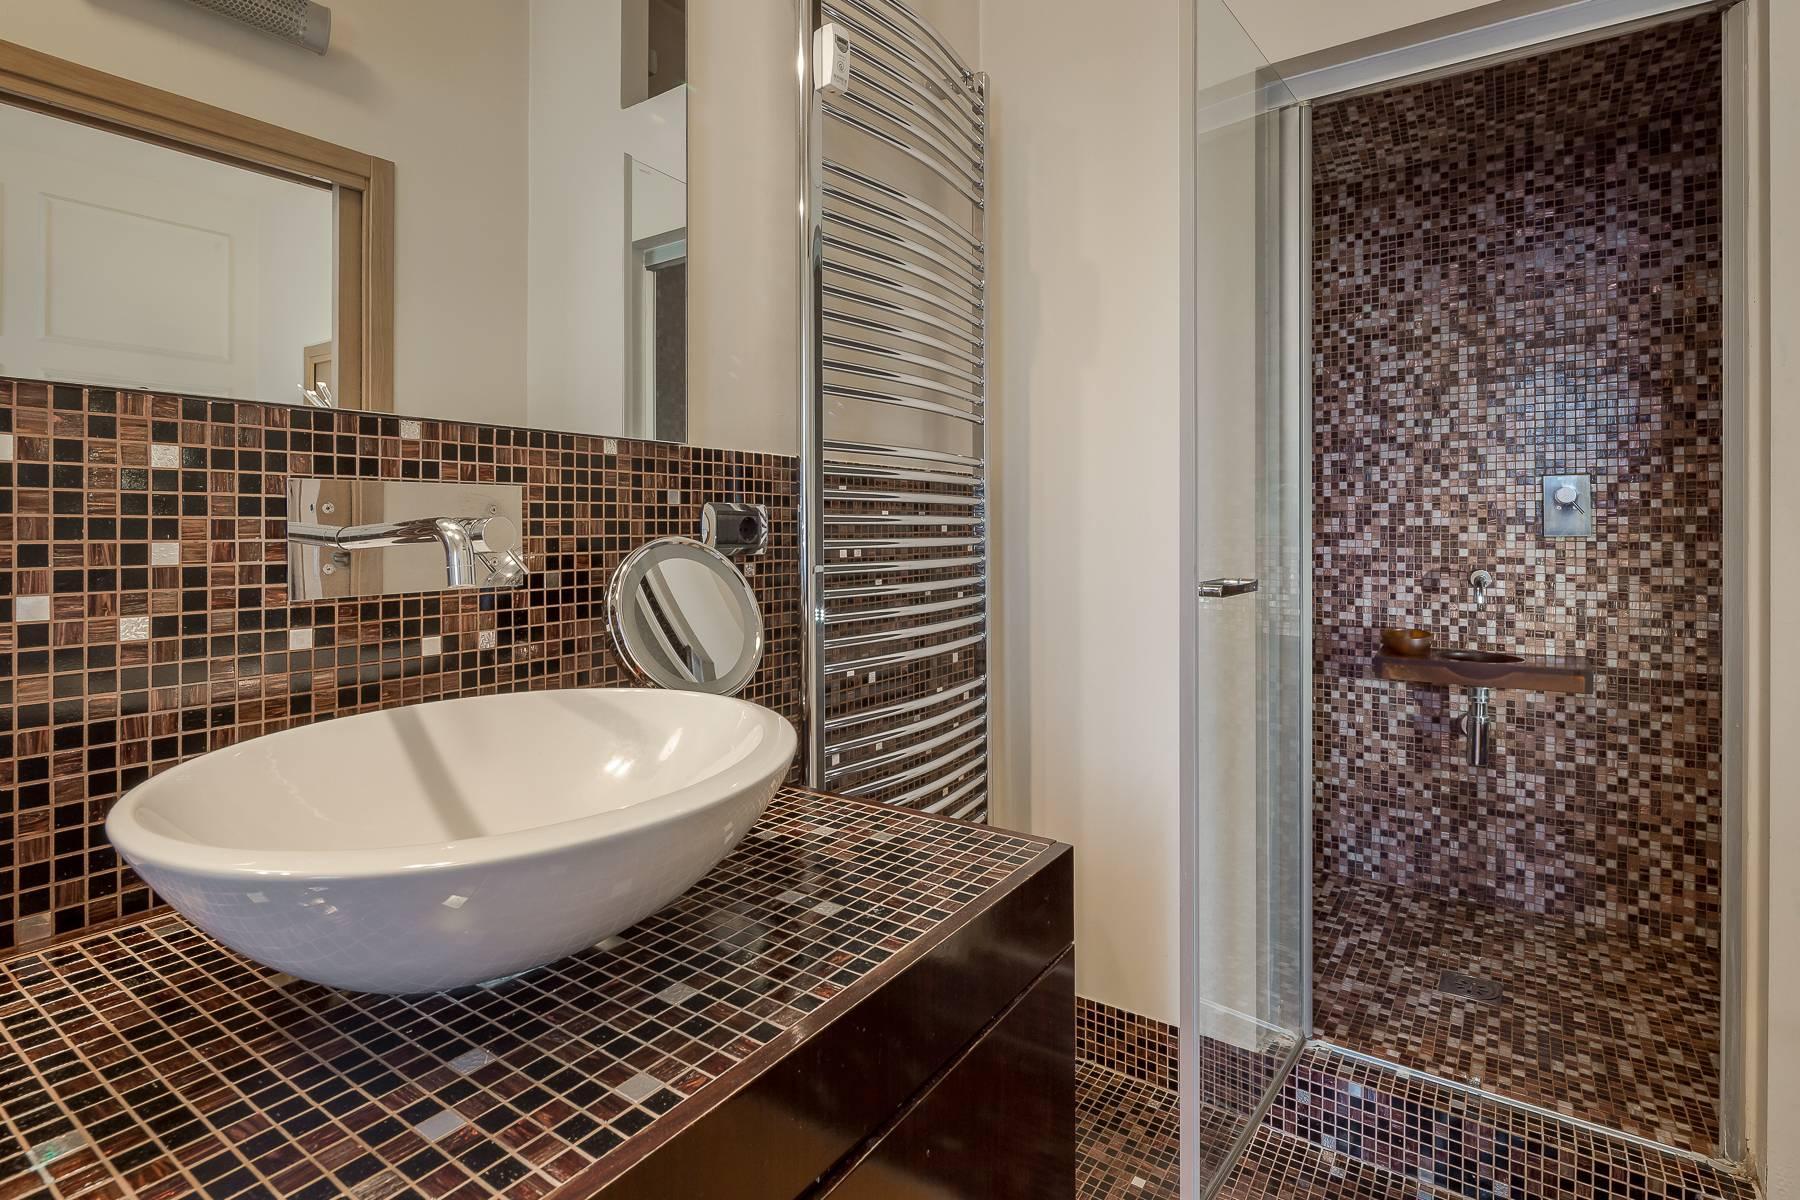 Appartement de style classique situé Via Besana - 21